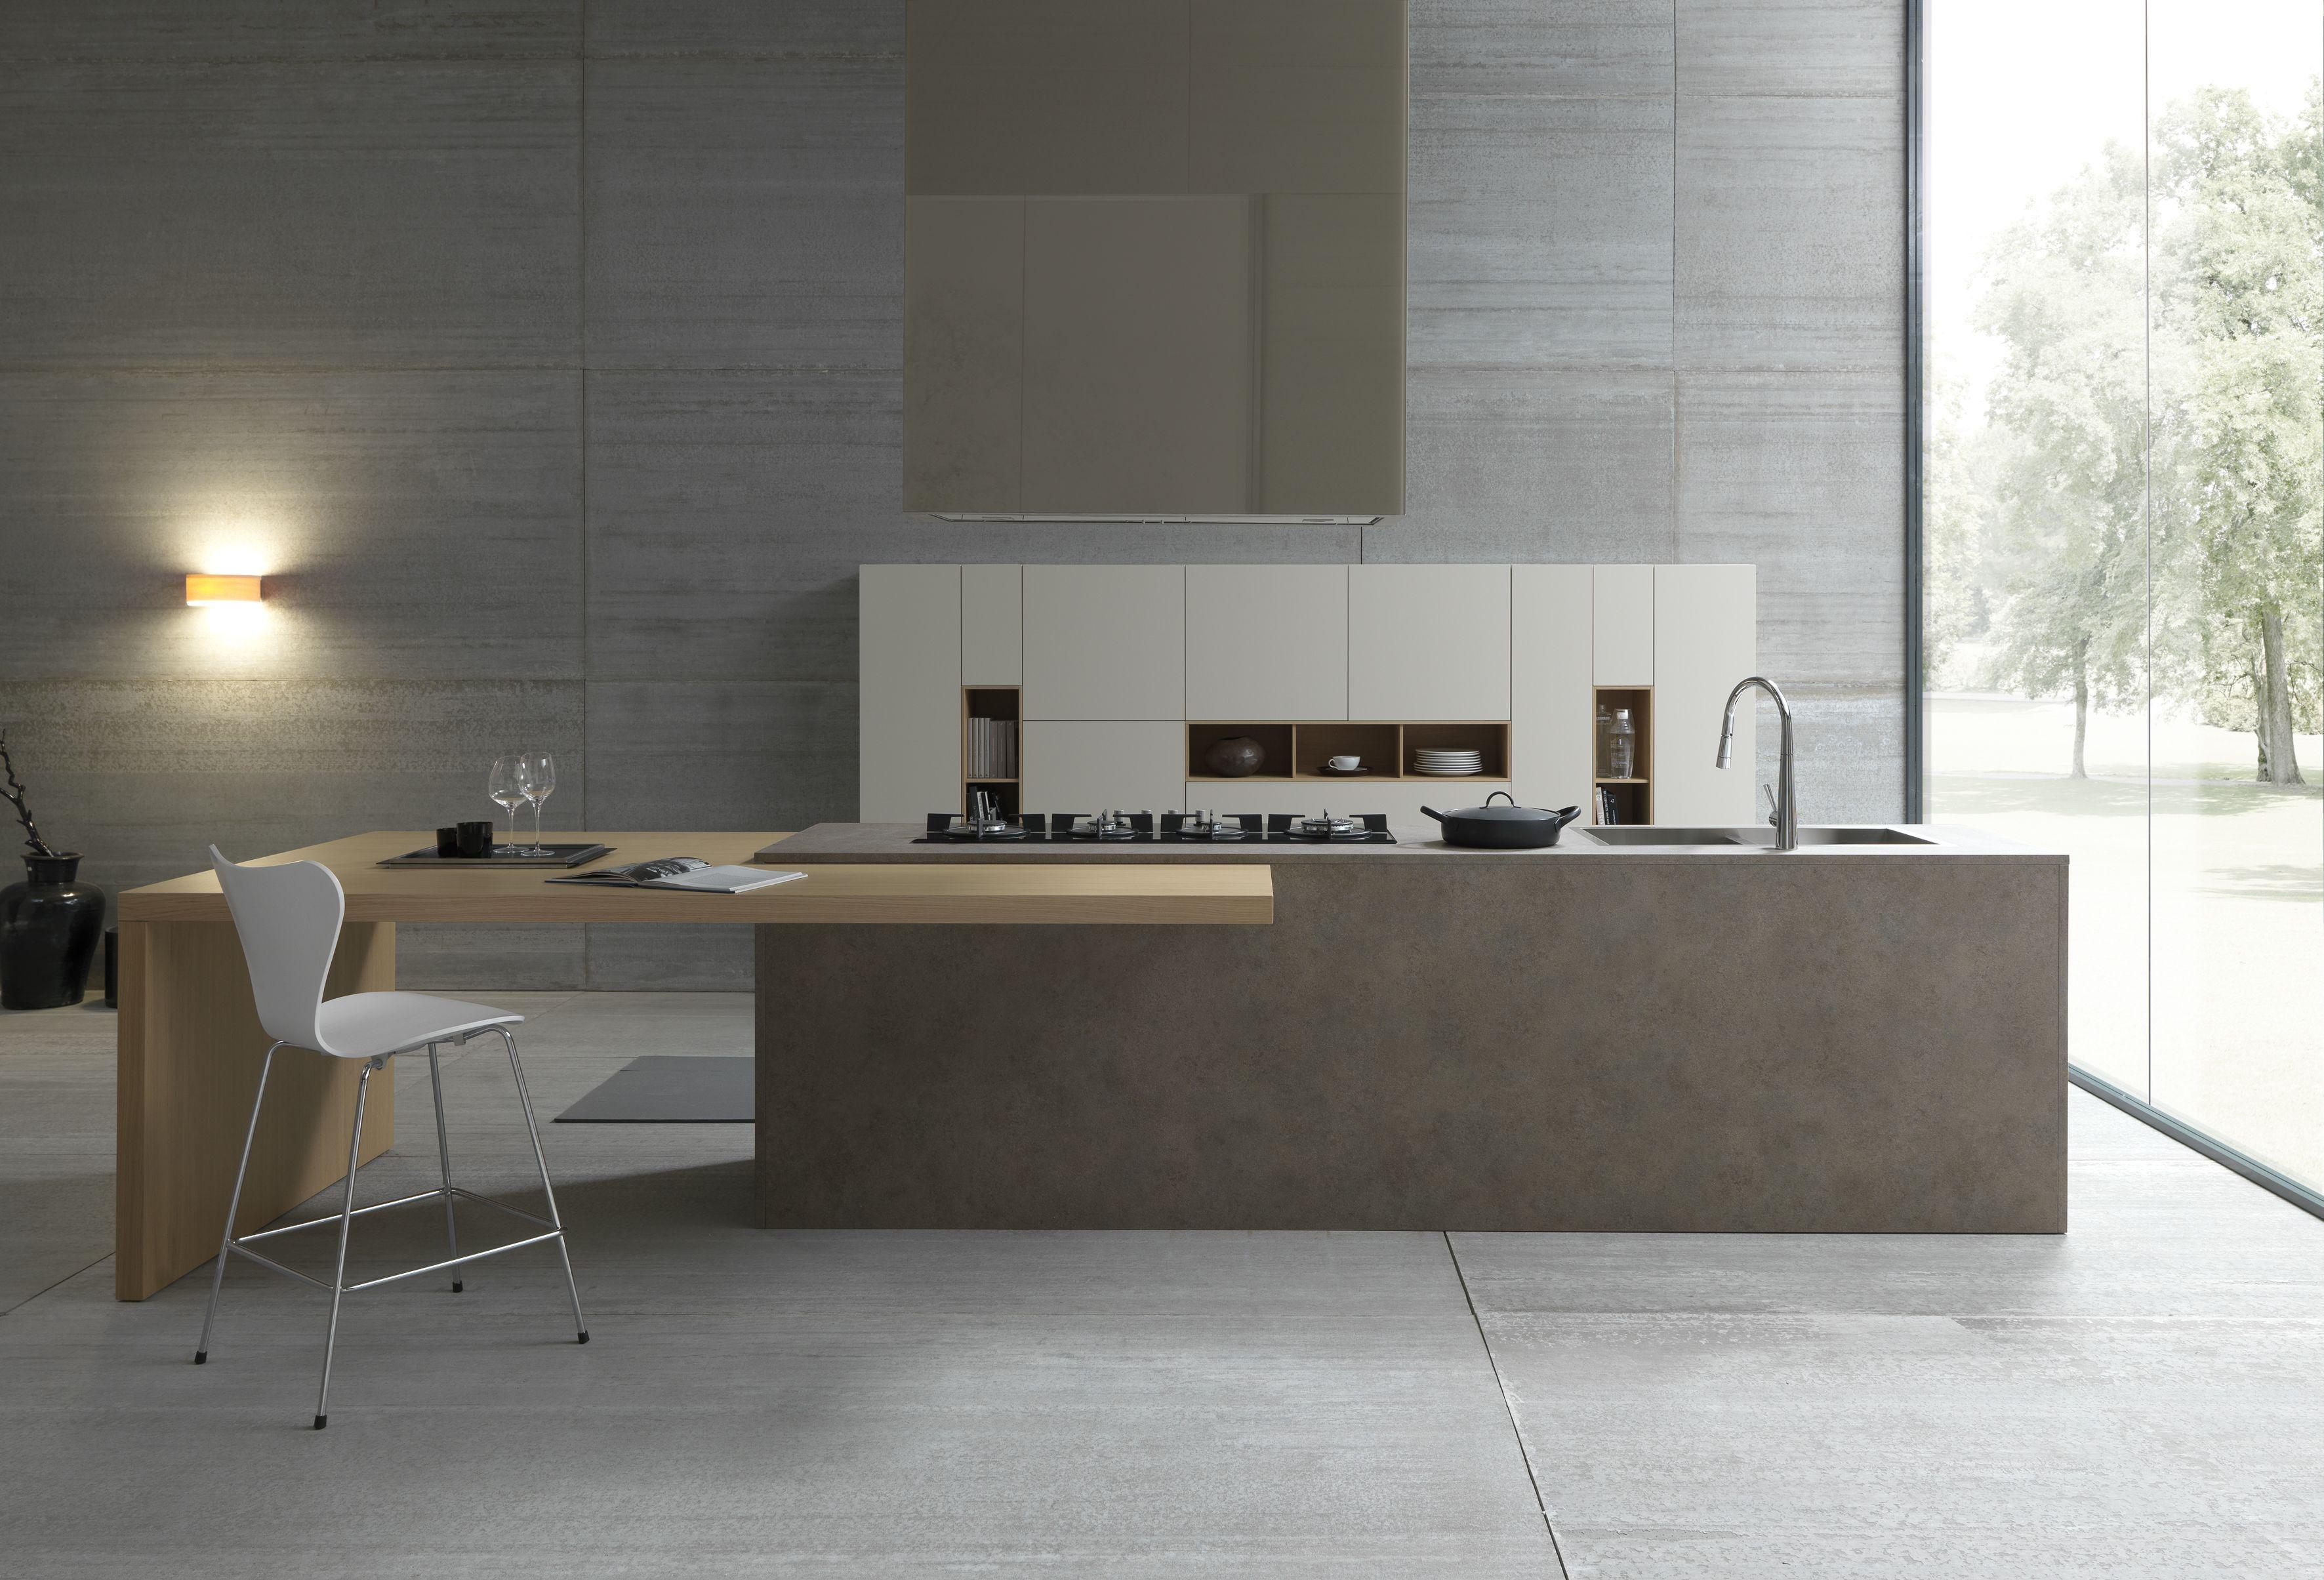 Küchendesign eine wand modulnova concept line kitchen i am absolutely in love with this